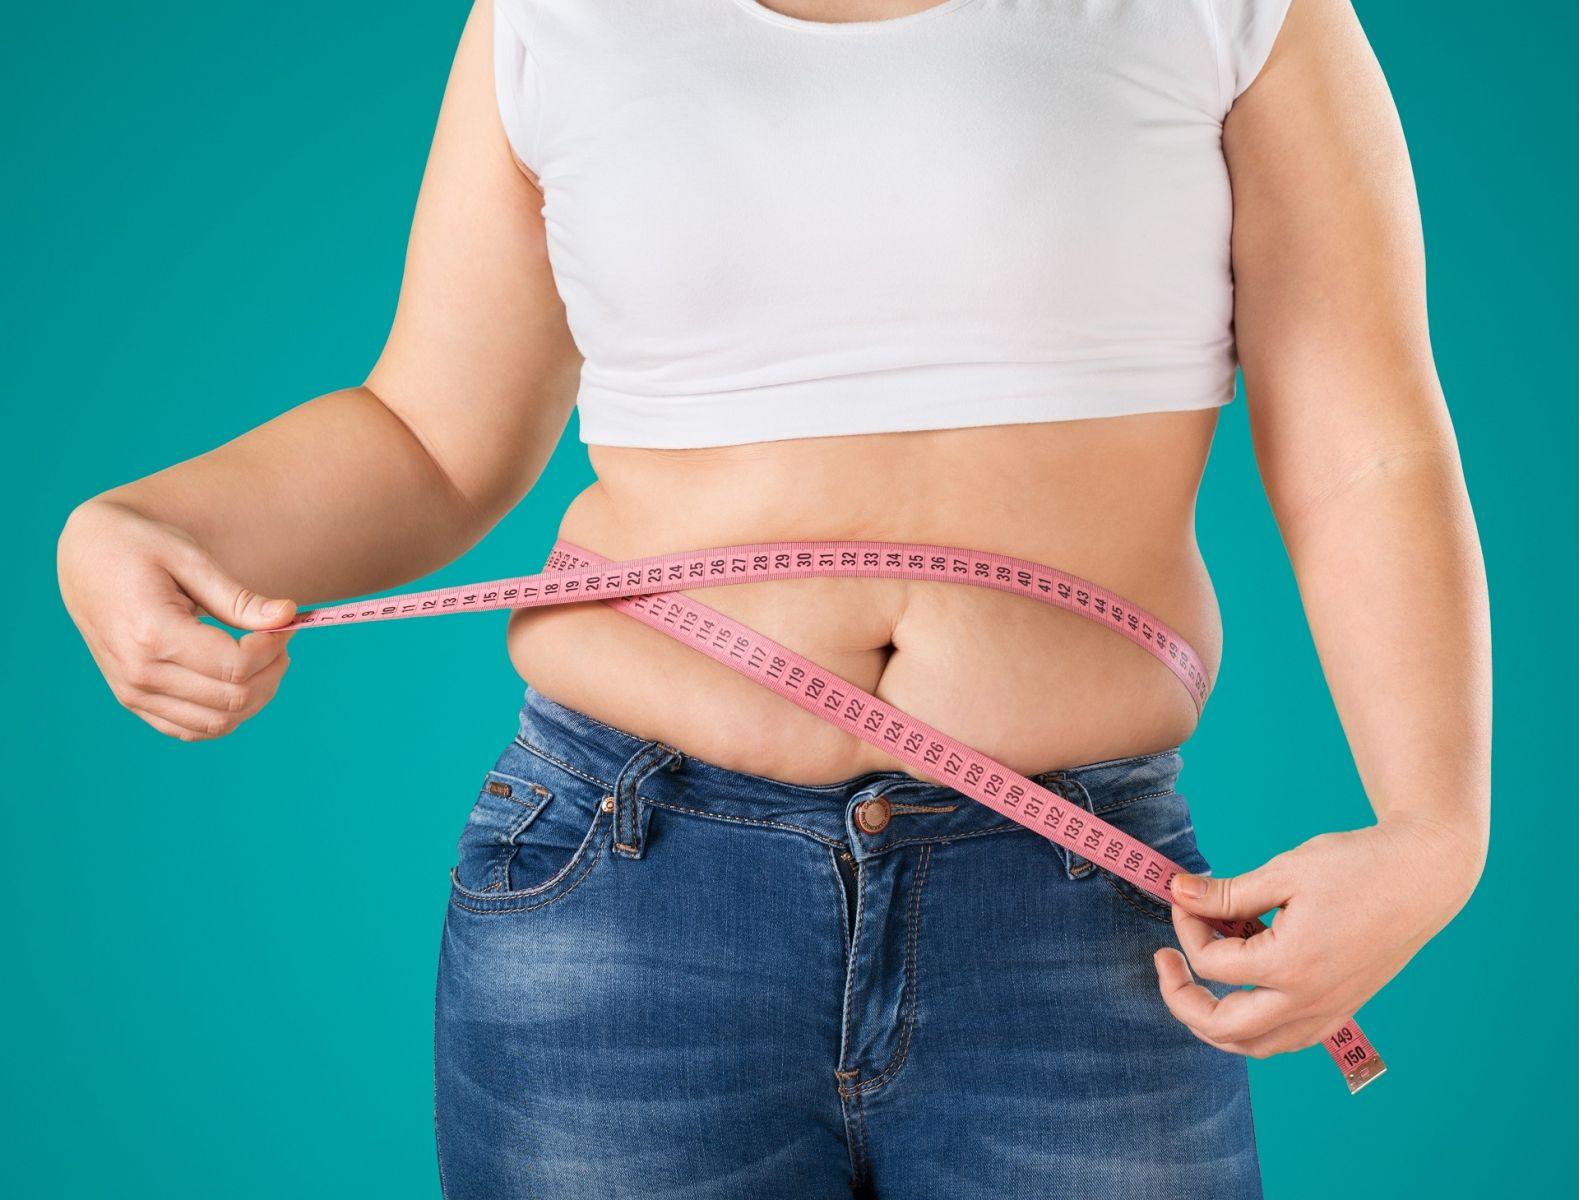 如何養成不復胖的好體質?中醫告訴你3個關鍵